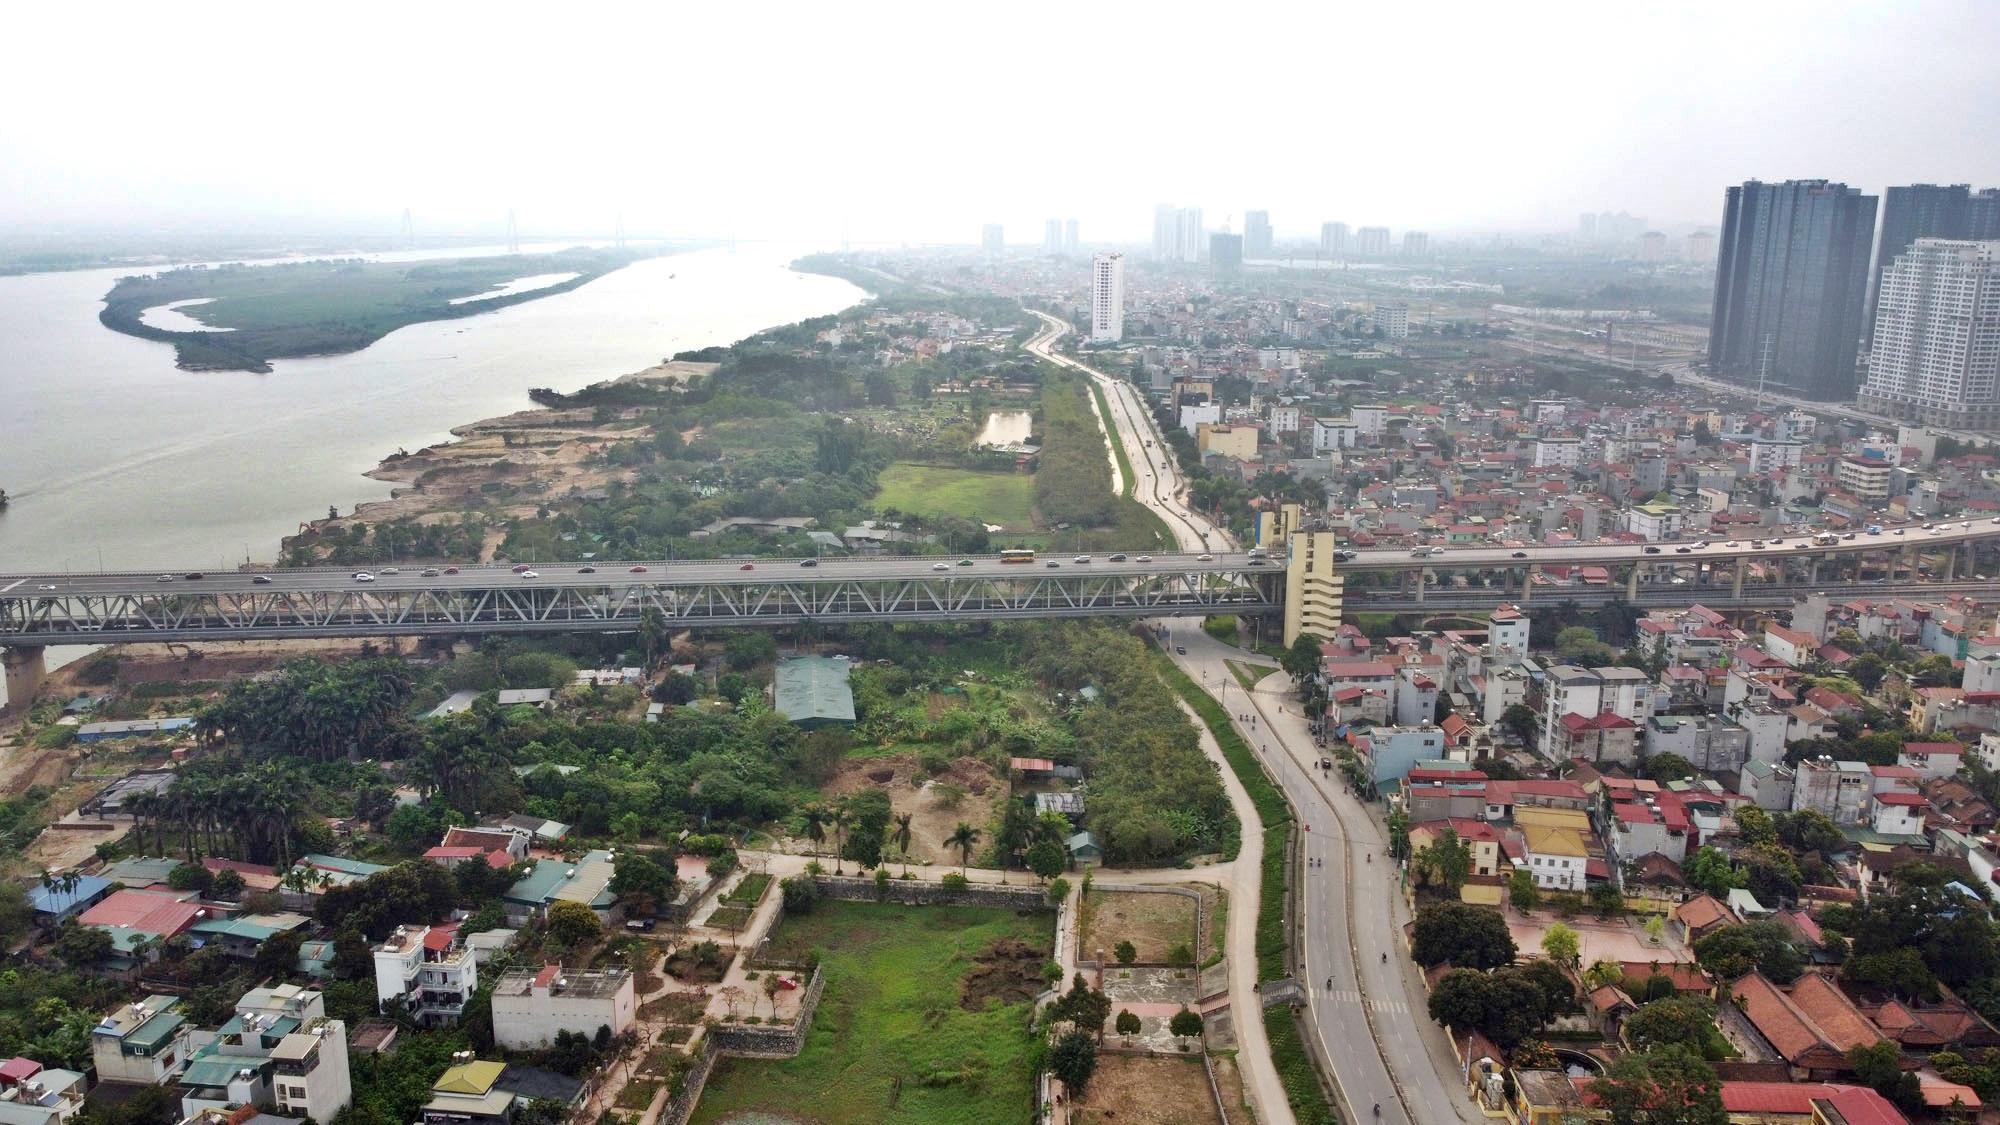 Toàn cảnh hiện trạng Phân khu đô thị sông Hồng trên địa bàn quận Bắc Từ Liêm - Ảnh 29.